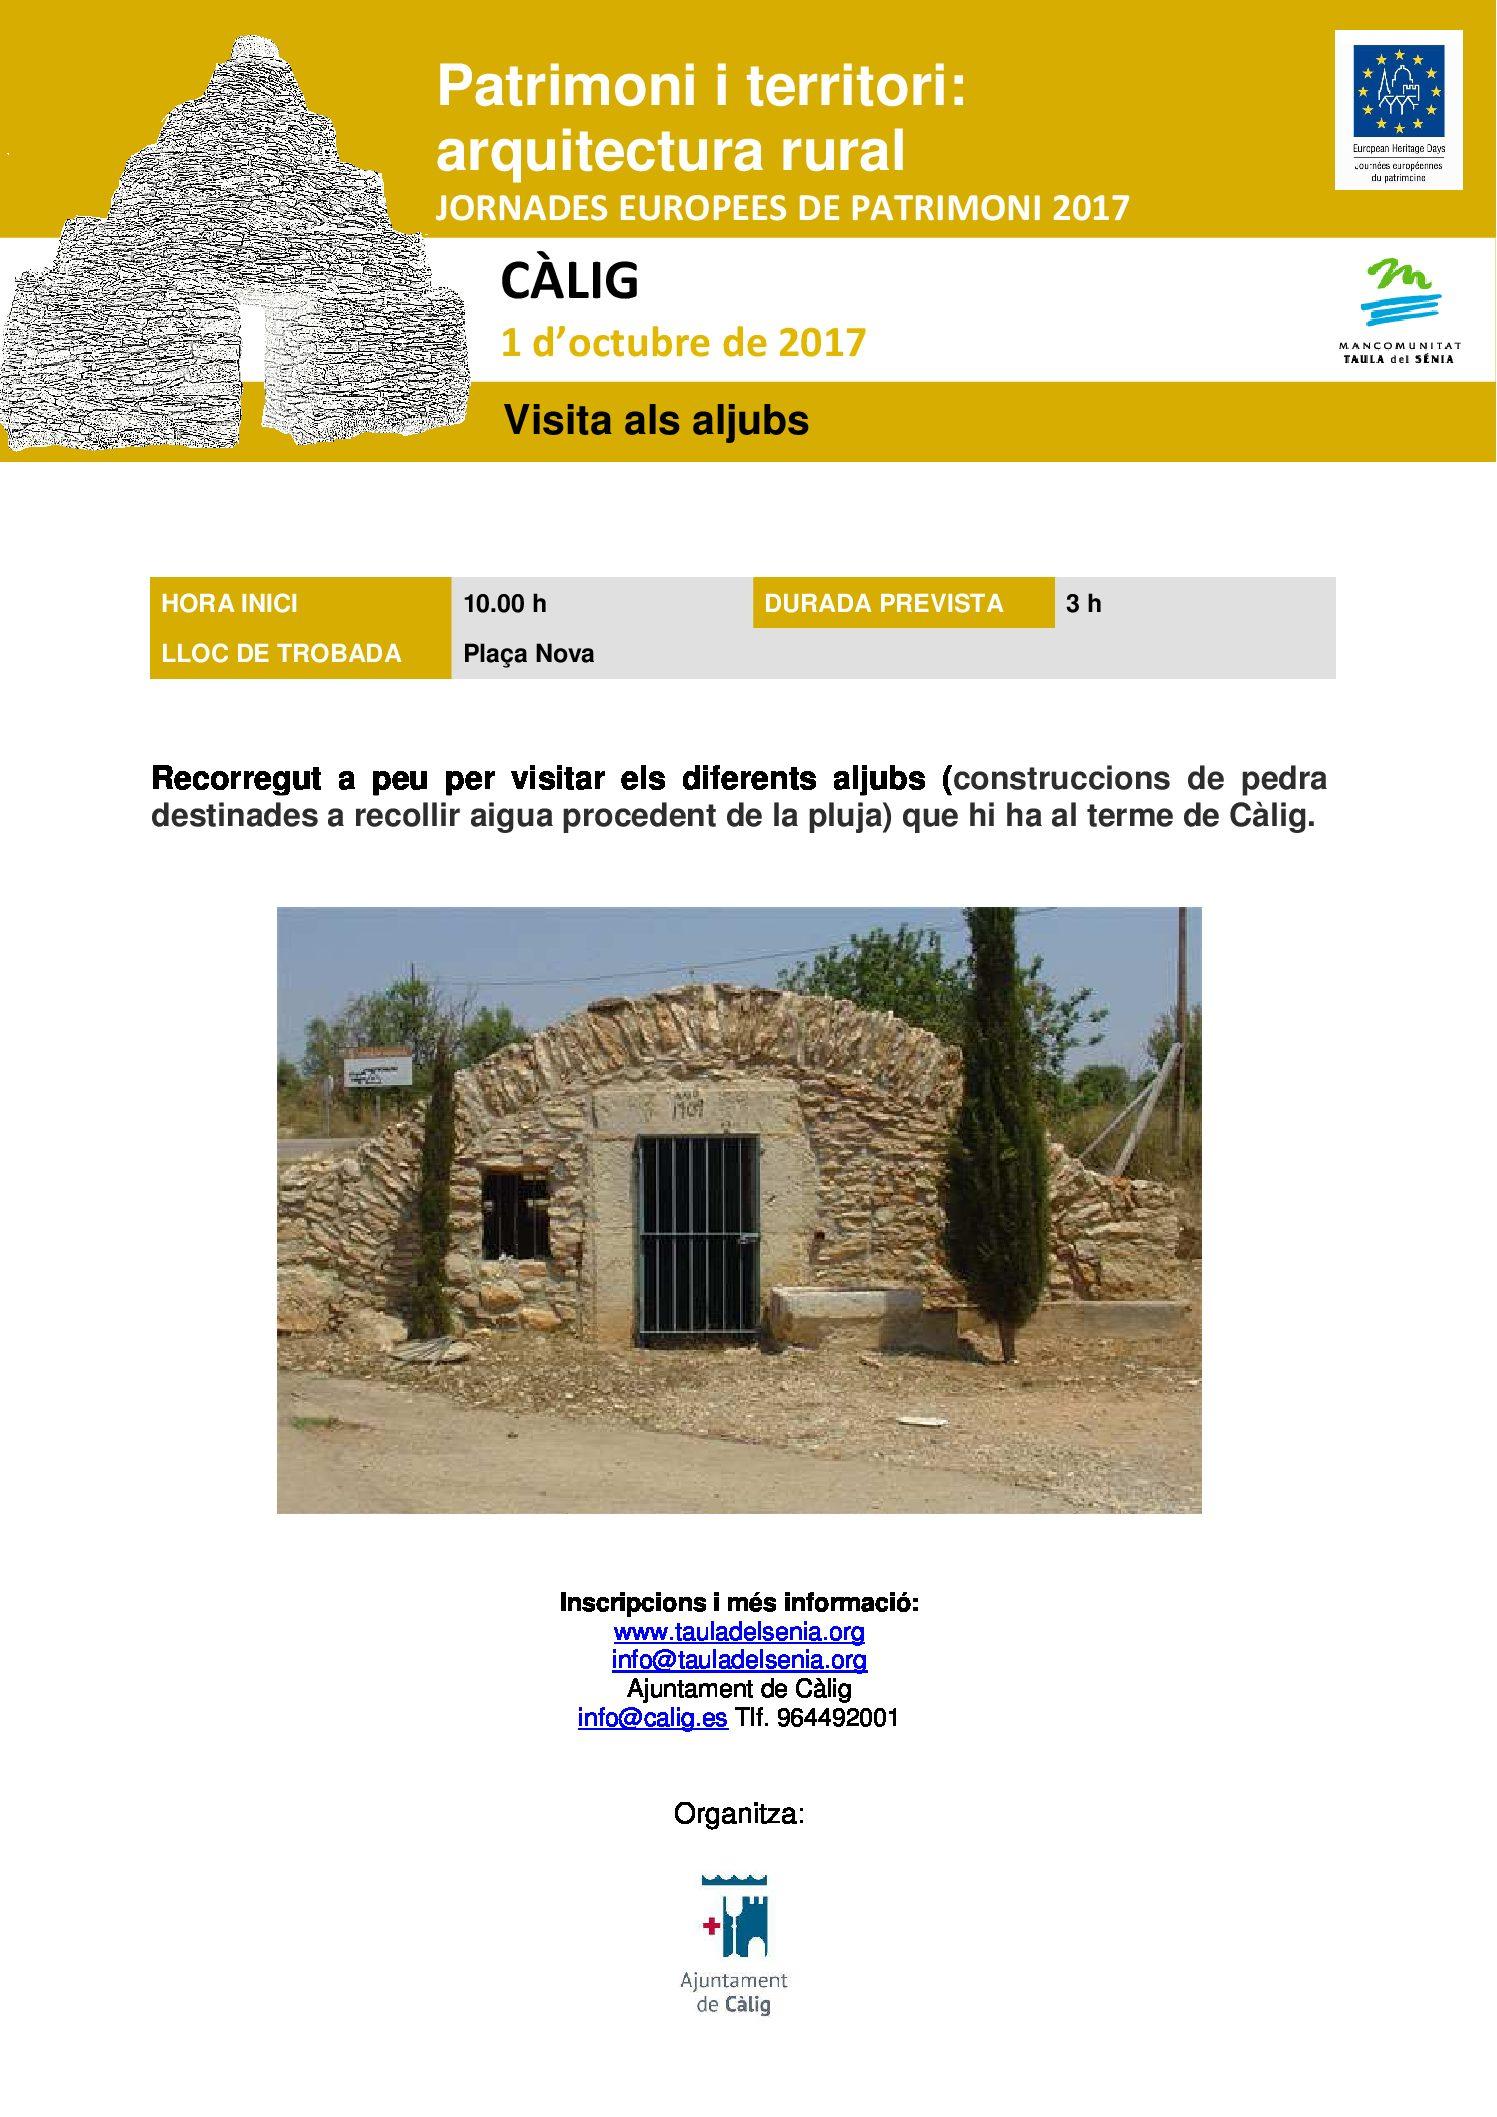 Càlig, participarà de les Jornades Europees del Patrimoni amb una visita guiada l'1 d'octubre